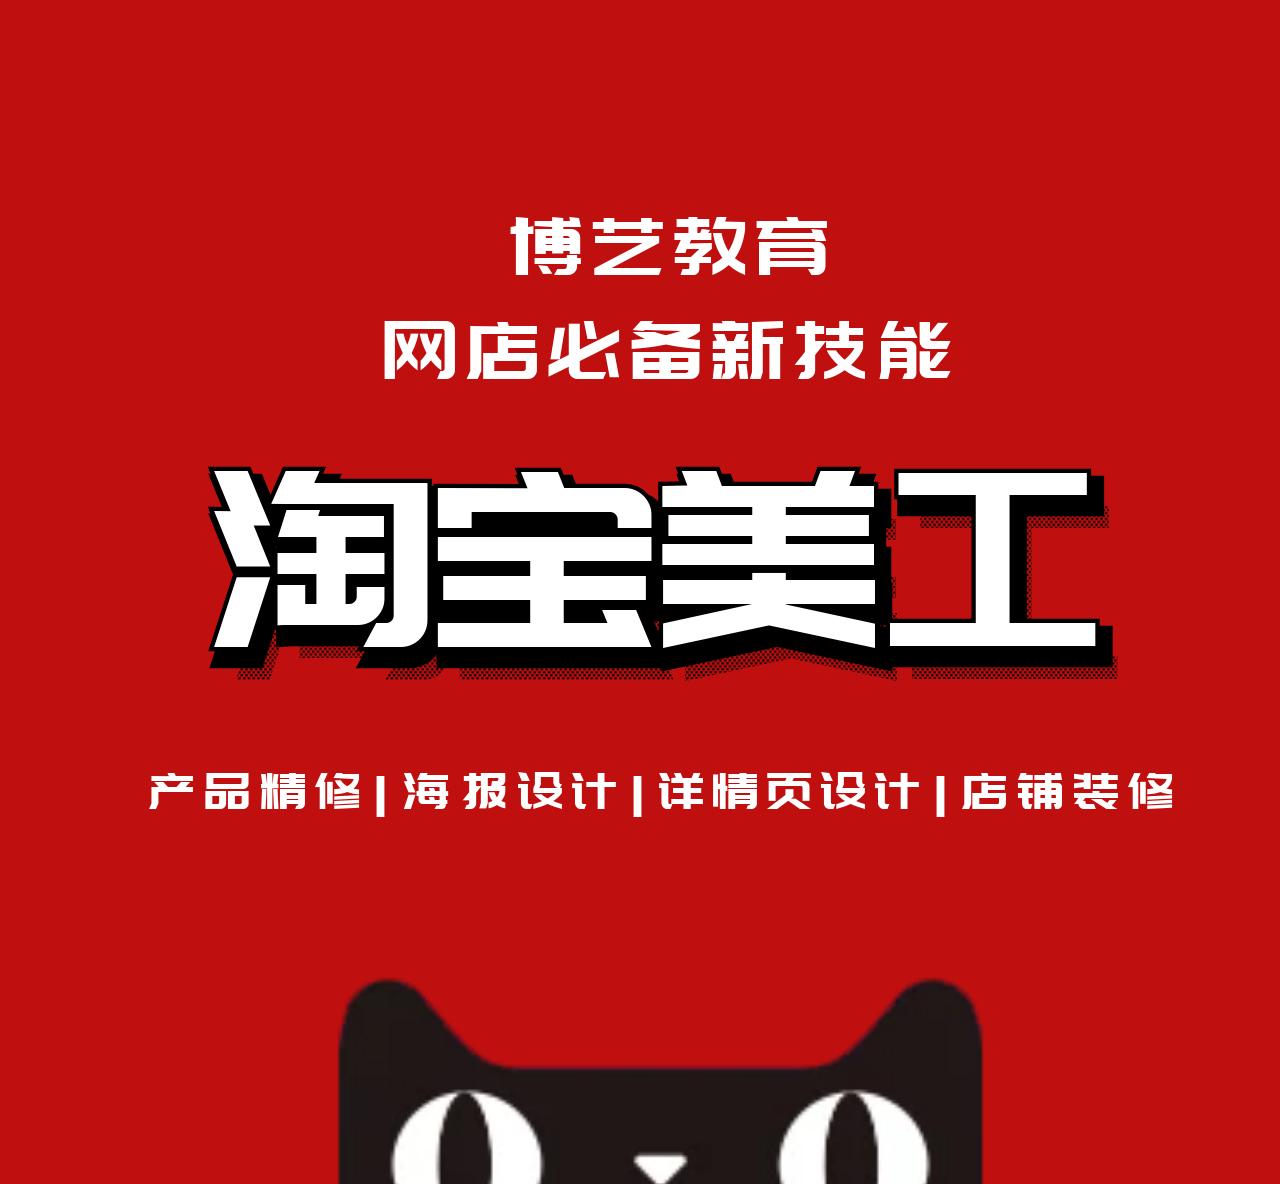 哈尔滨香坊区淘宝美工培训哪个好